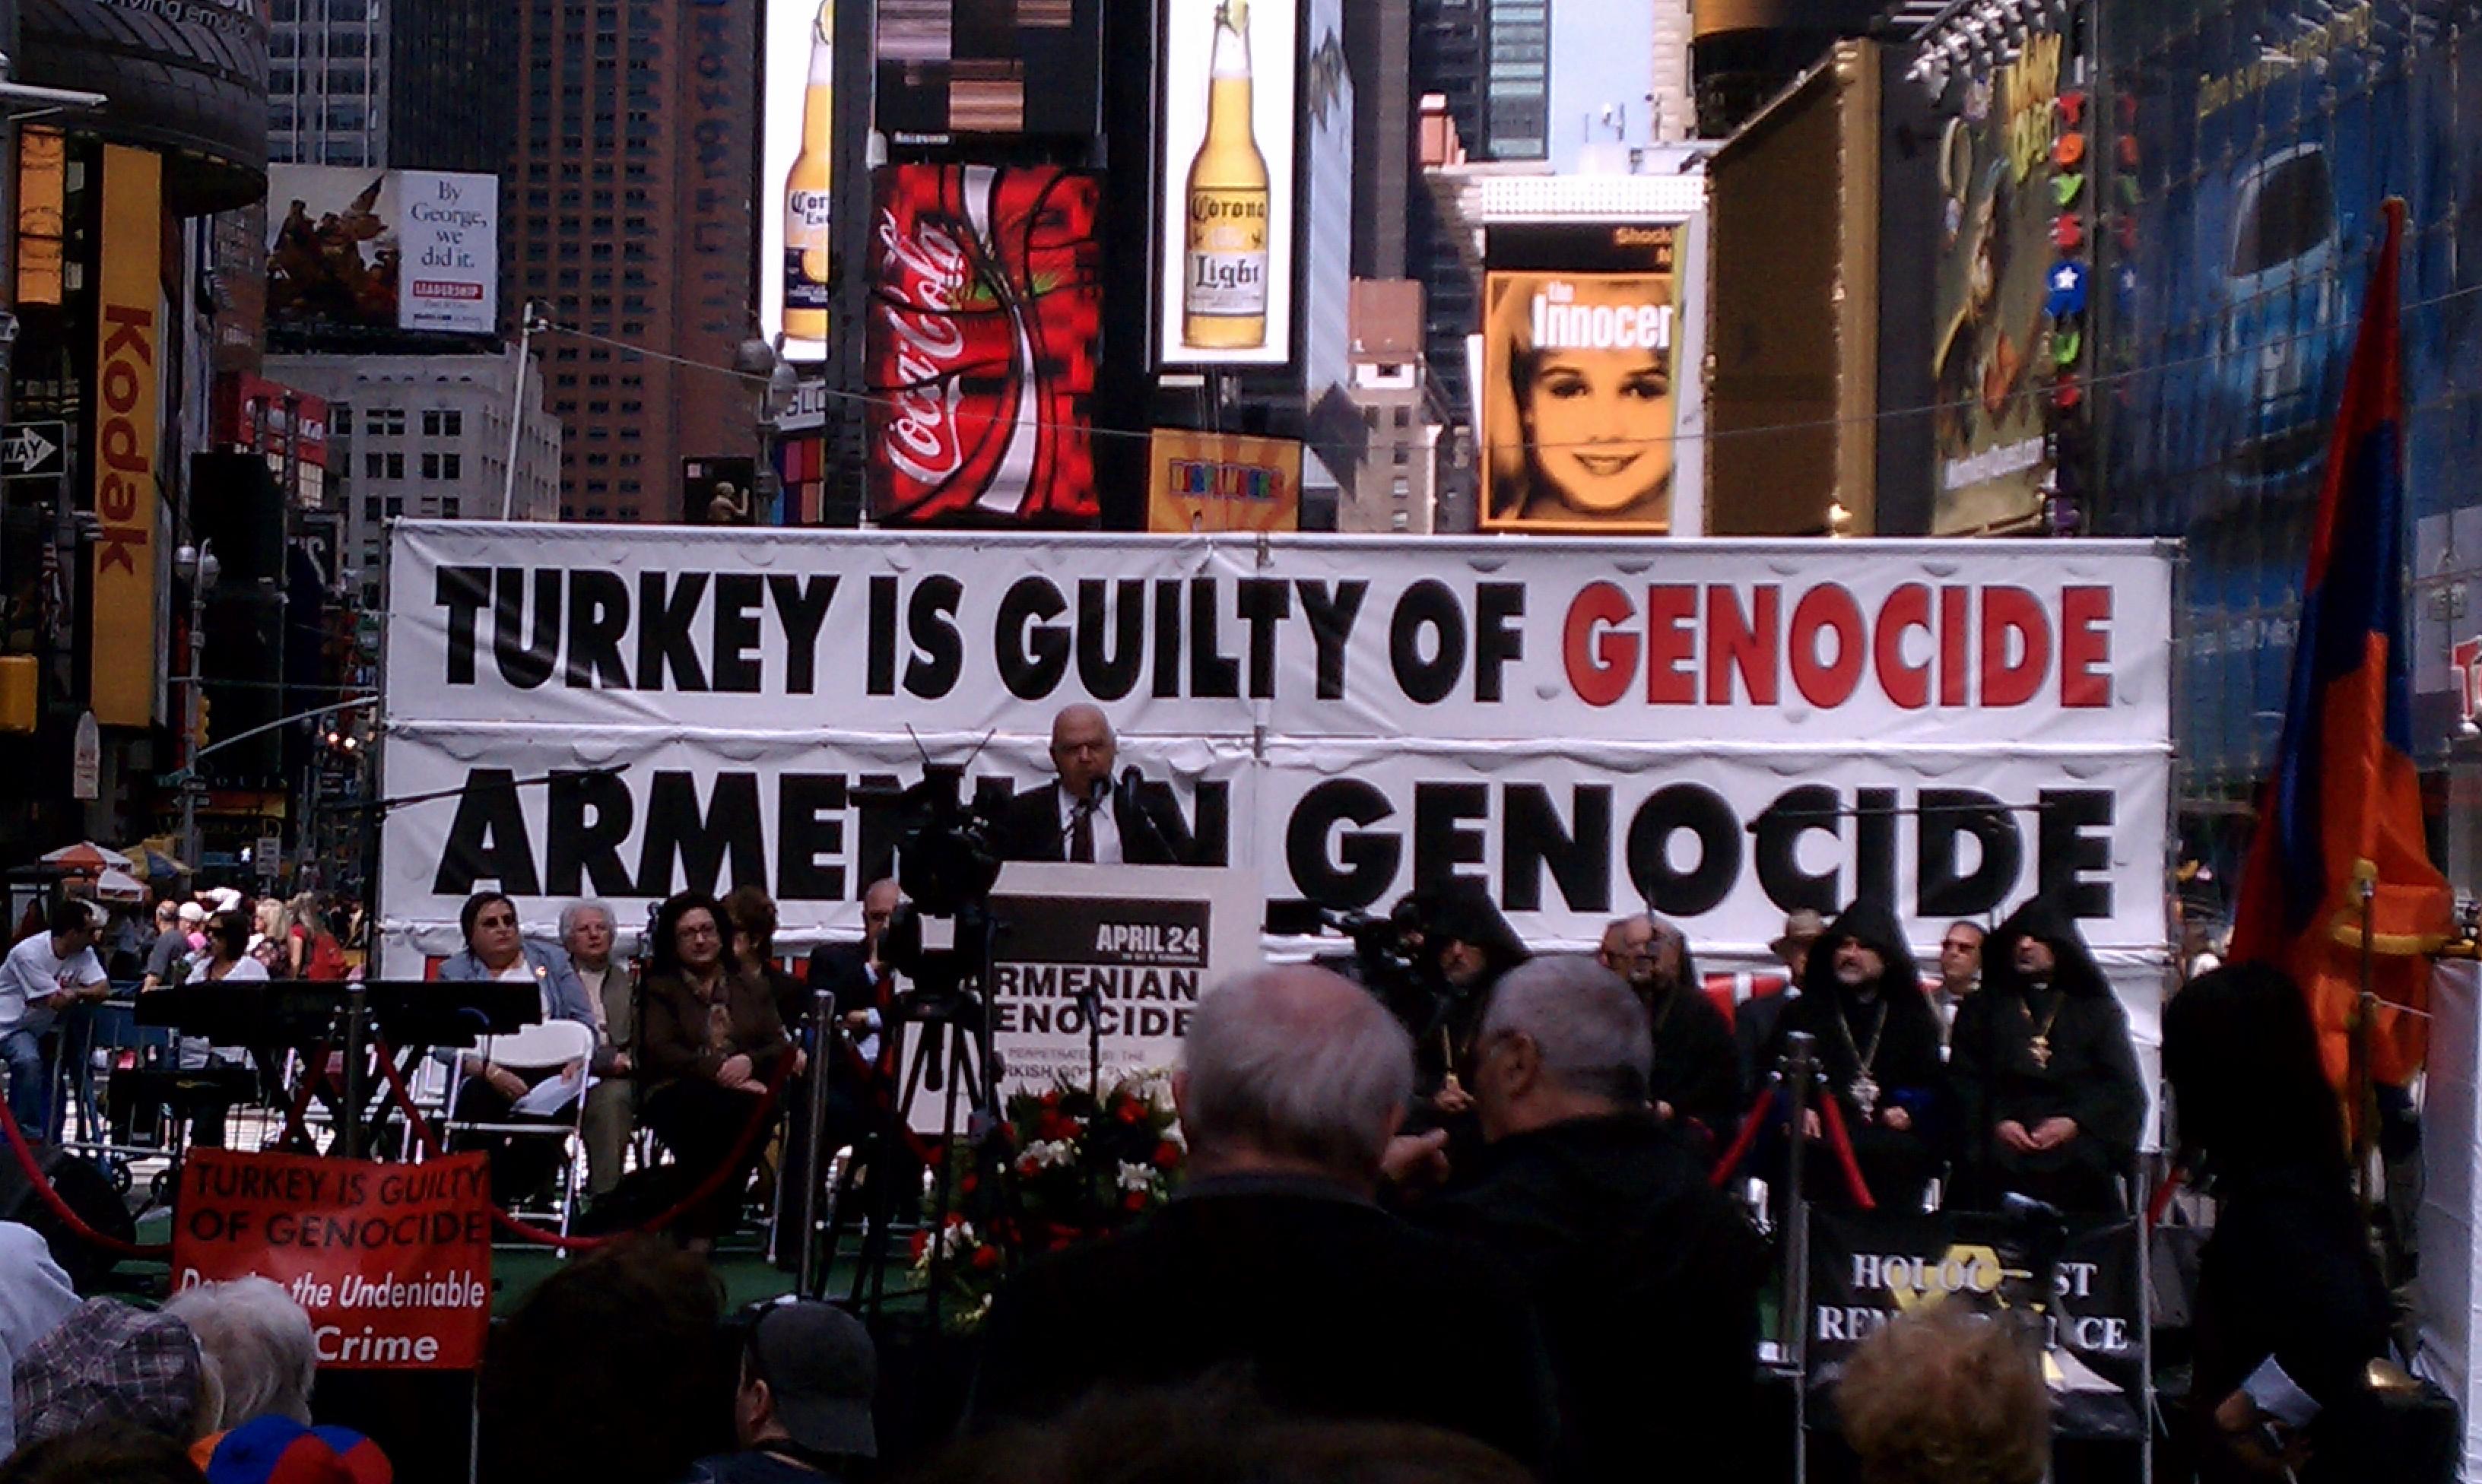 Birçok Amerikalı için 'Ermeni Soykırımı' ifadesi korkunç insani acıları değil, çileden çıkaran, göz döndürücü bir lobicilik ve siyasi pazarlık masalı. Bu konuyla alakalı sunulan herhangi bir yasa tasarısı için kongredeki bazı oyları sağlama almak demek, kaçınılmaz olarak, Osmanlı Ermenilerinin hatırasını, onu kongrenin gündemindeki diğer meselelere ilintilendirerek ucuzlatmak demek.